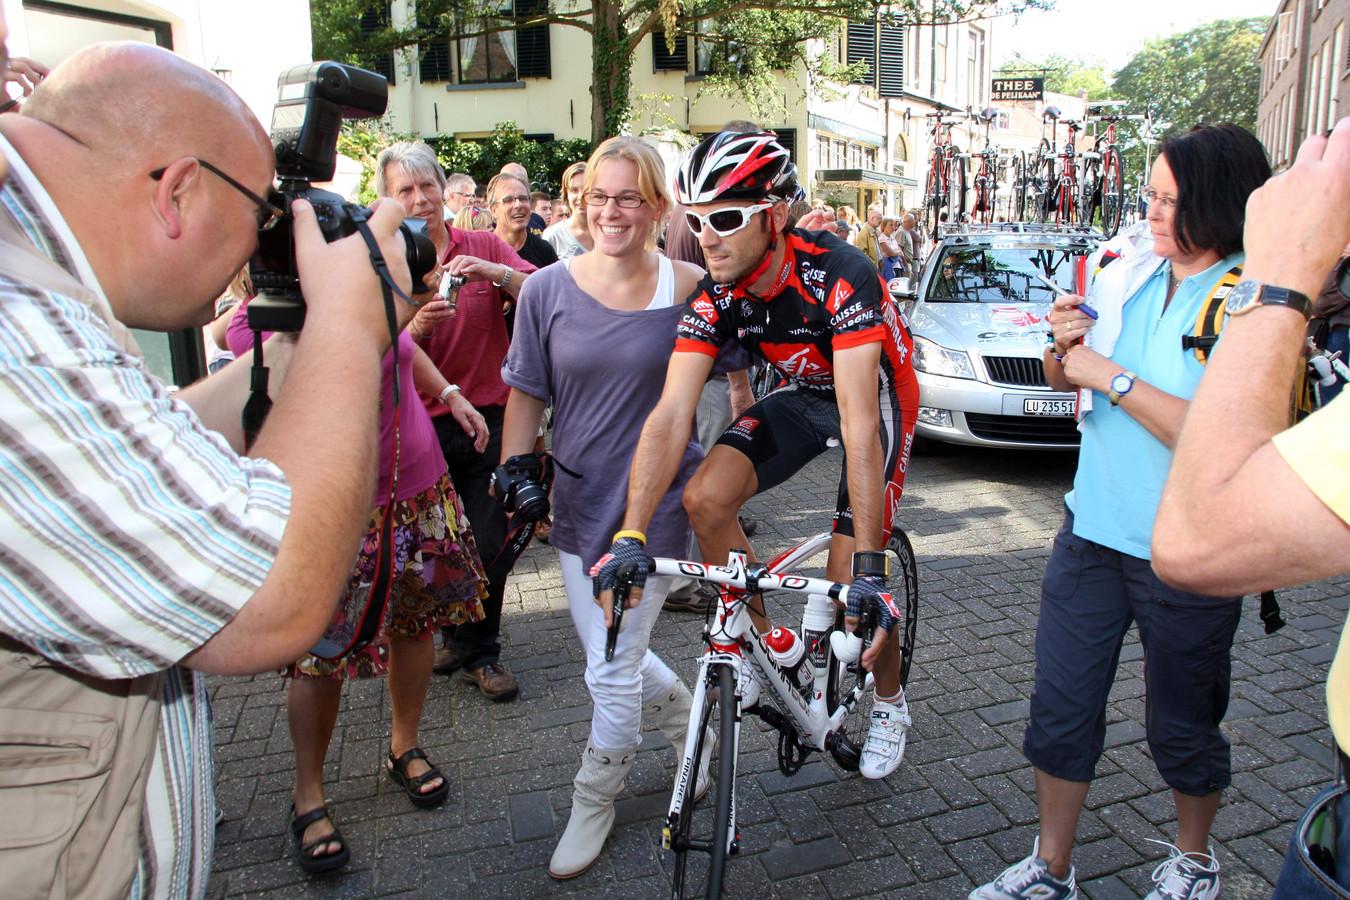 Alejandro Valverde maakt zich op voor de start van de Vuelta-etappe in Zutphen. De Spanjaard zal later de Vuelta in 2009 op zijn naam schrijven.